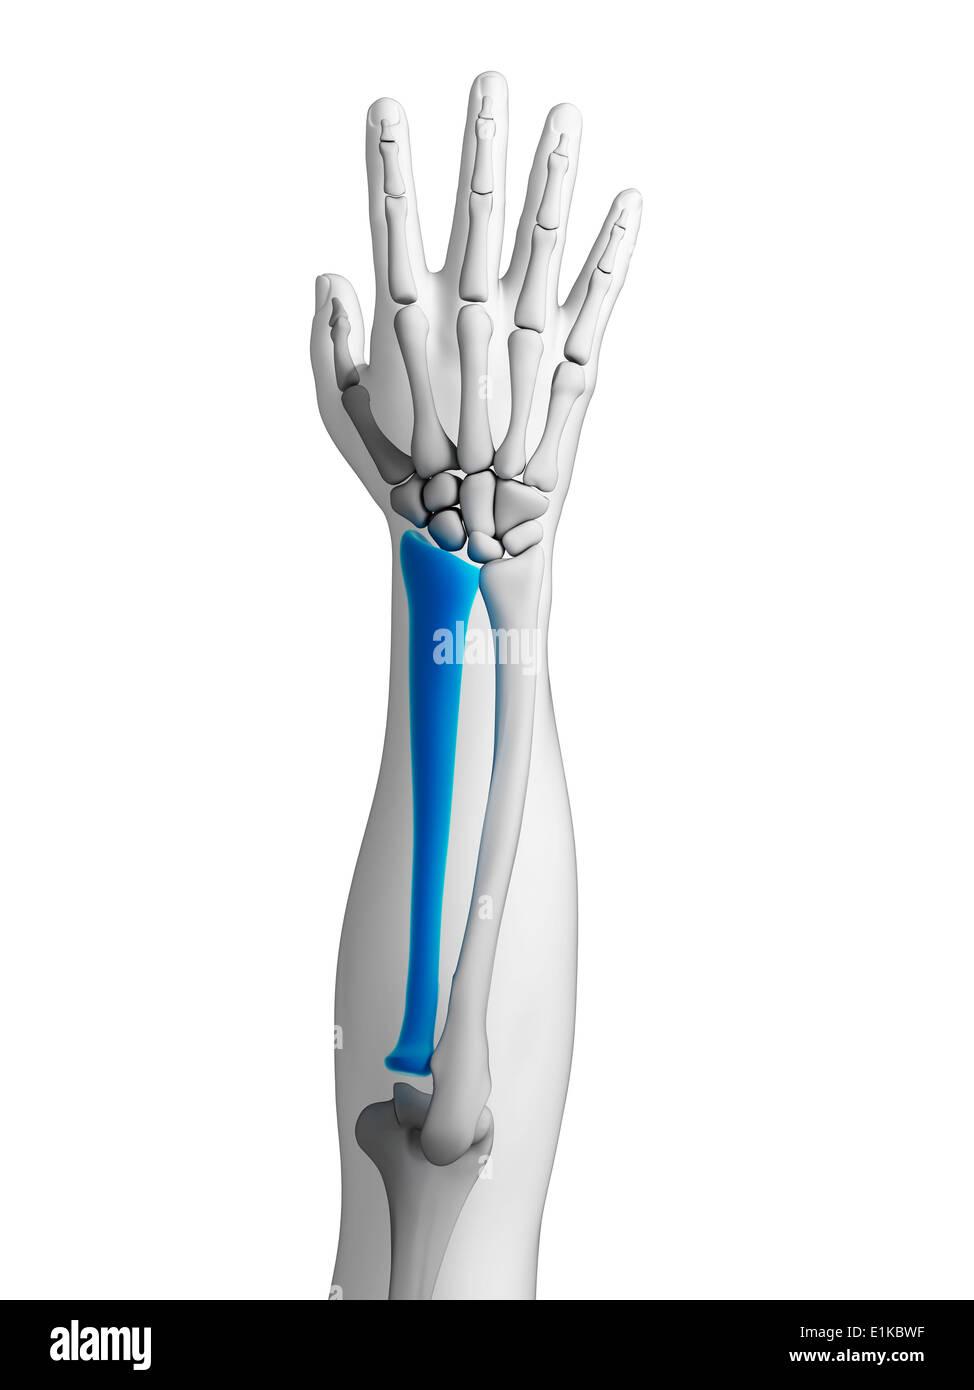 Radius Arm Stockfotos & Radius Arm Bilder - Alamy